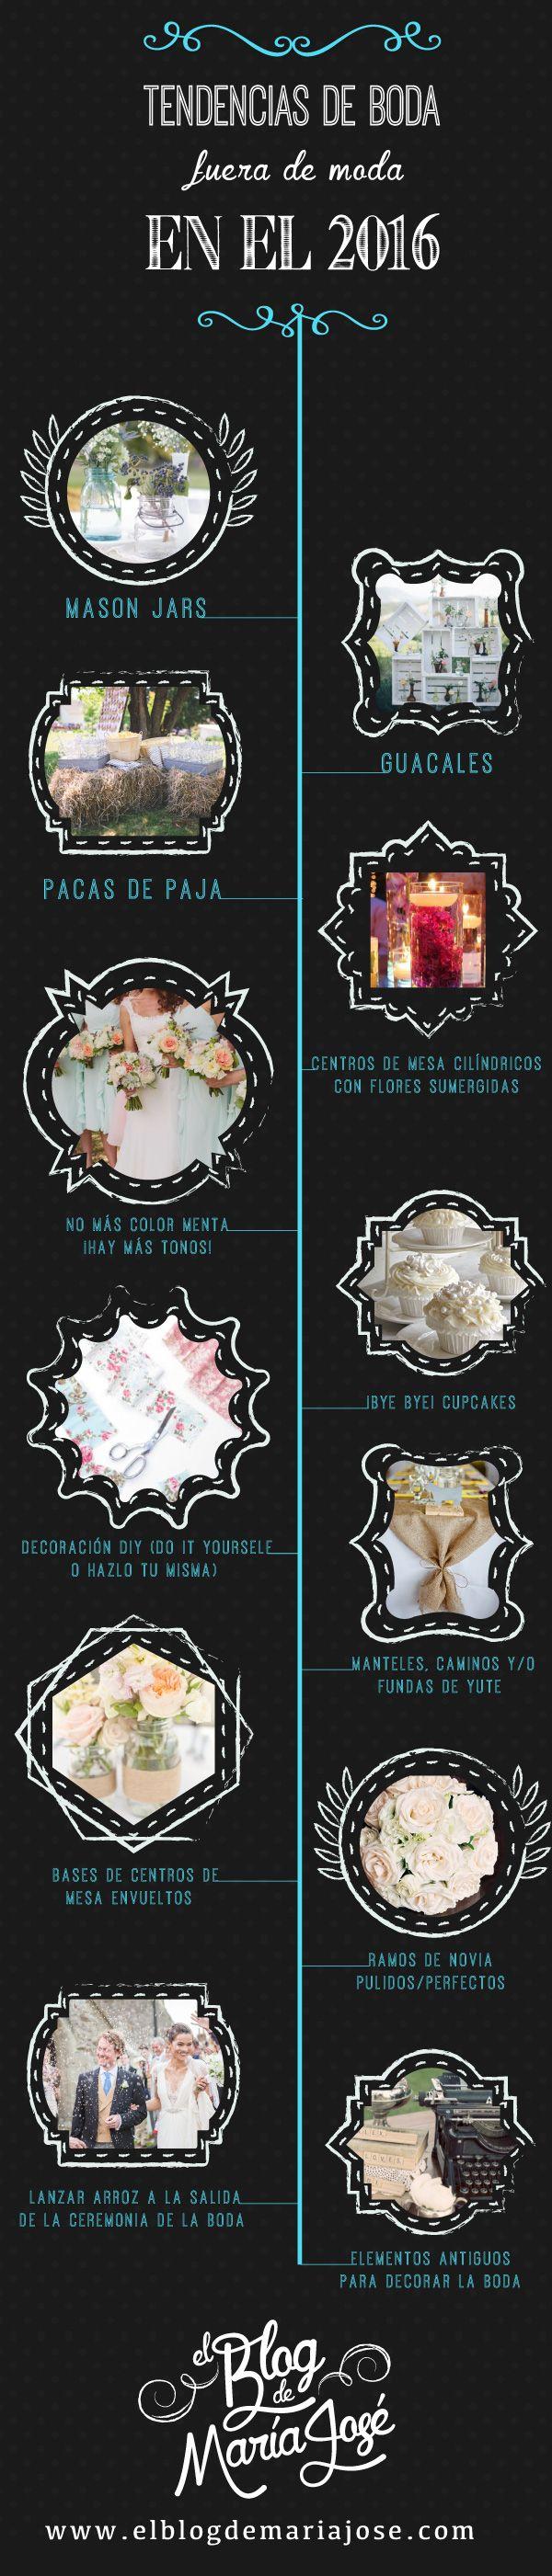 Estas son las tendencias de boda fuera de moda en el 2016 #Bodas #ElBlogdeMaríaJosé